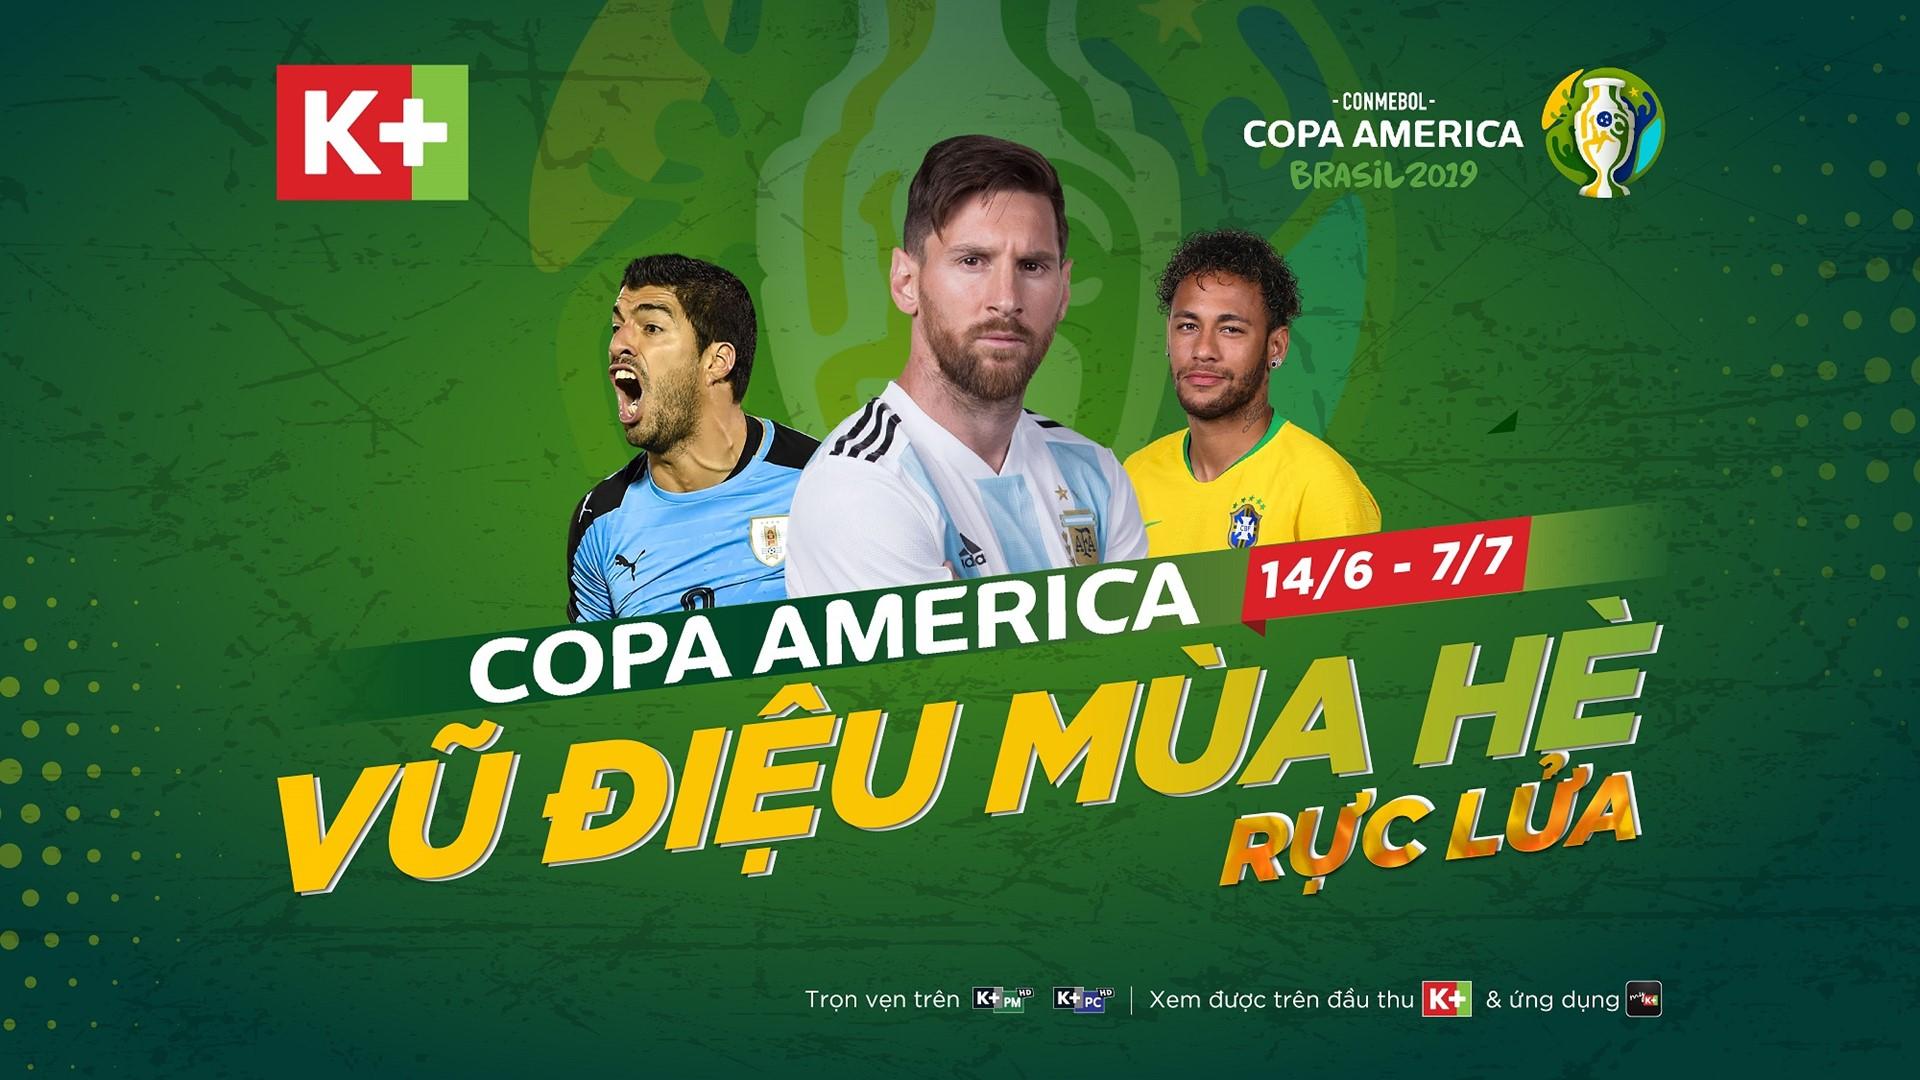 K+ mua độc quyền giải bóng đá Nam Mỹ Copa America 2019